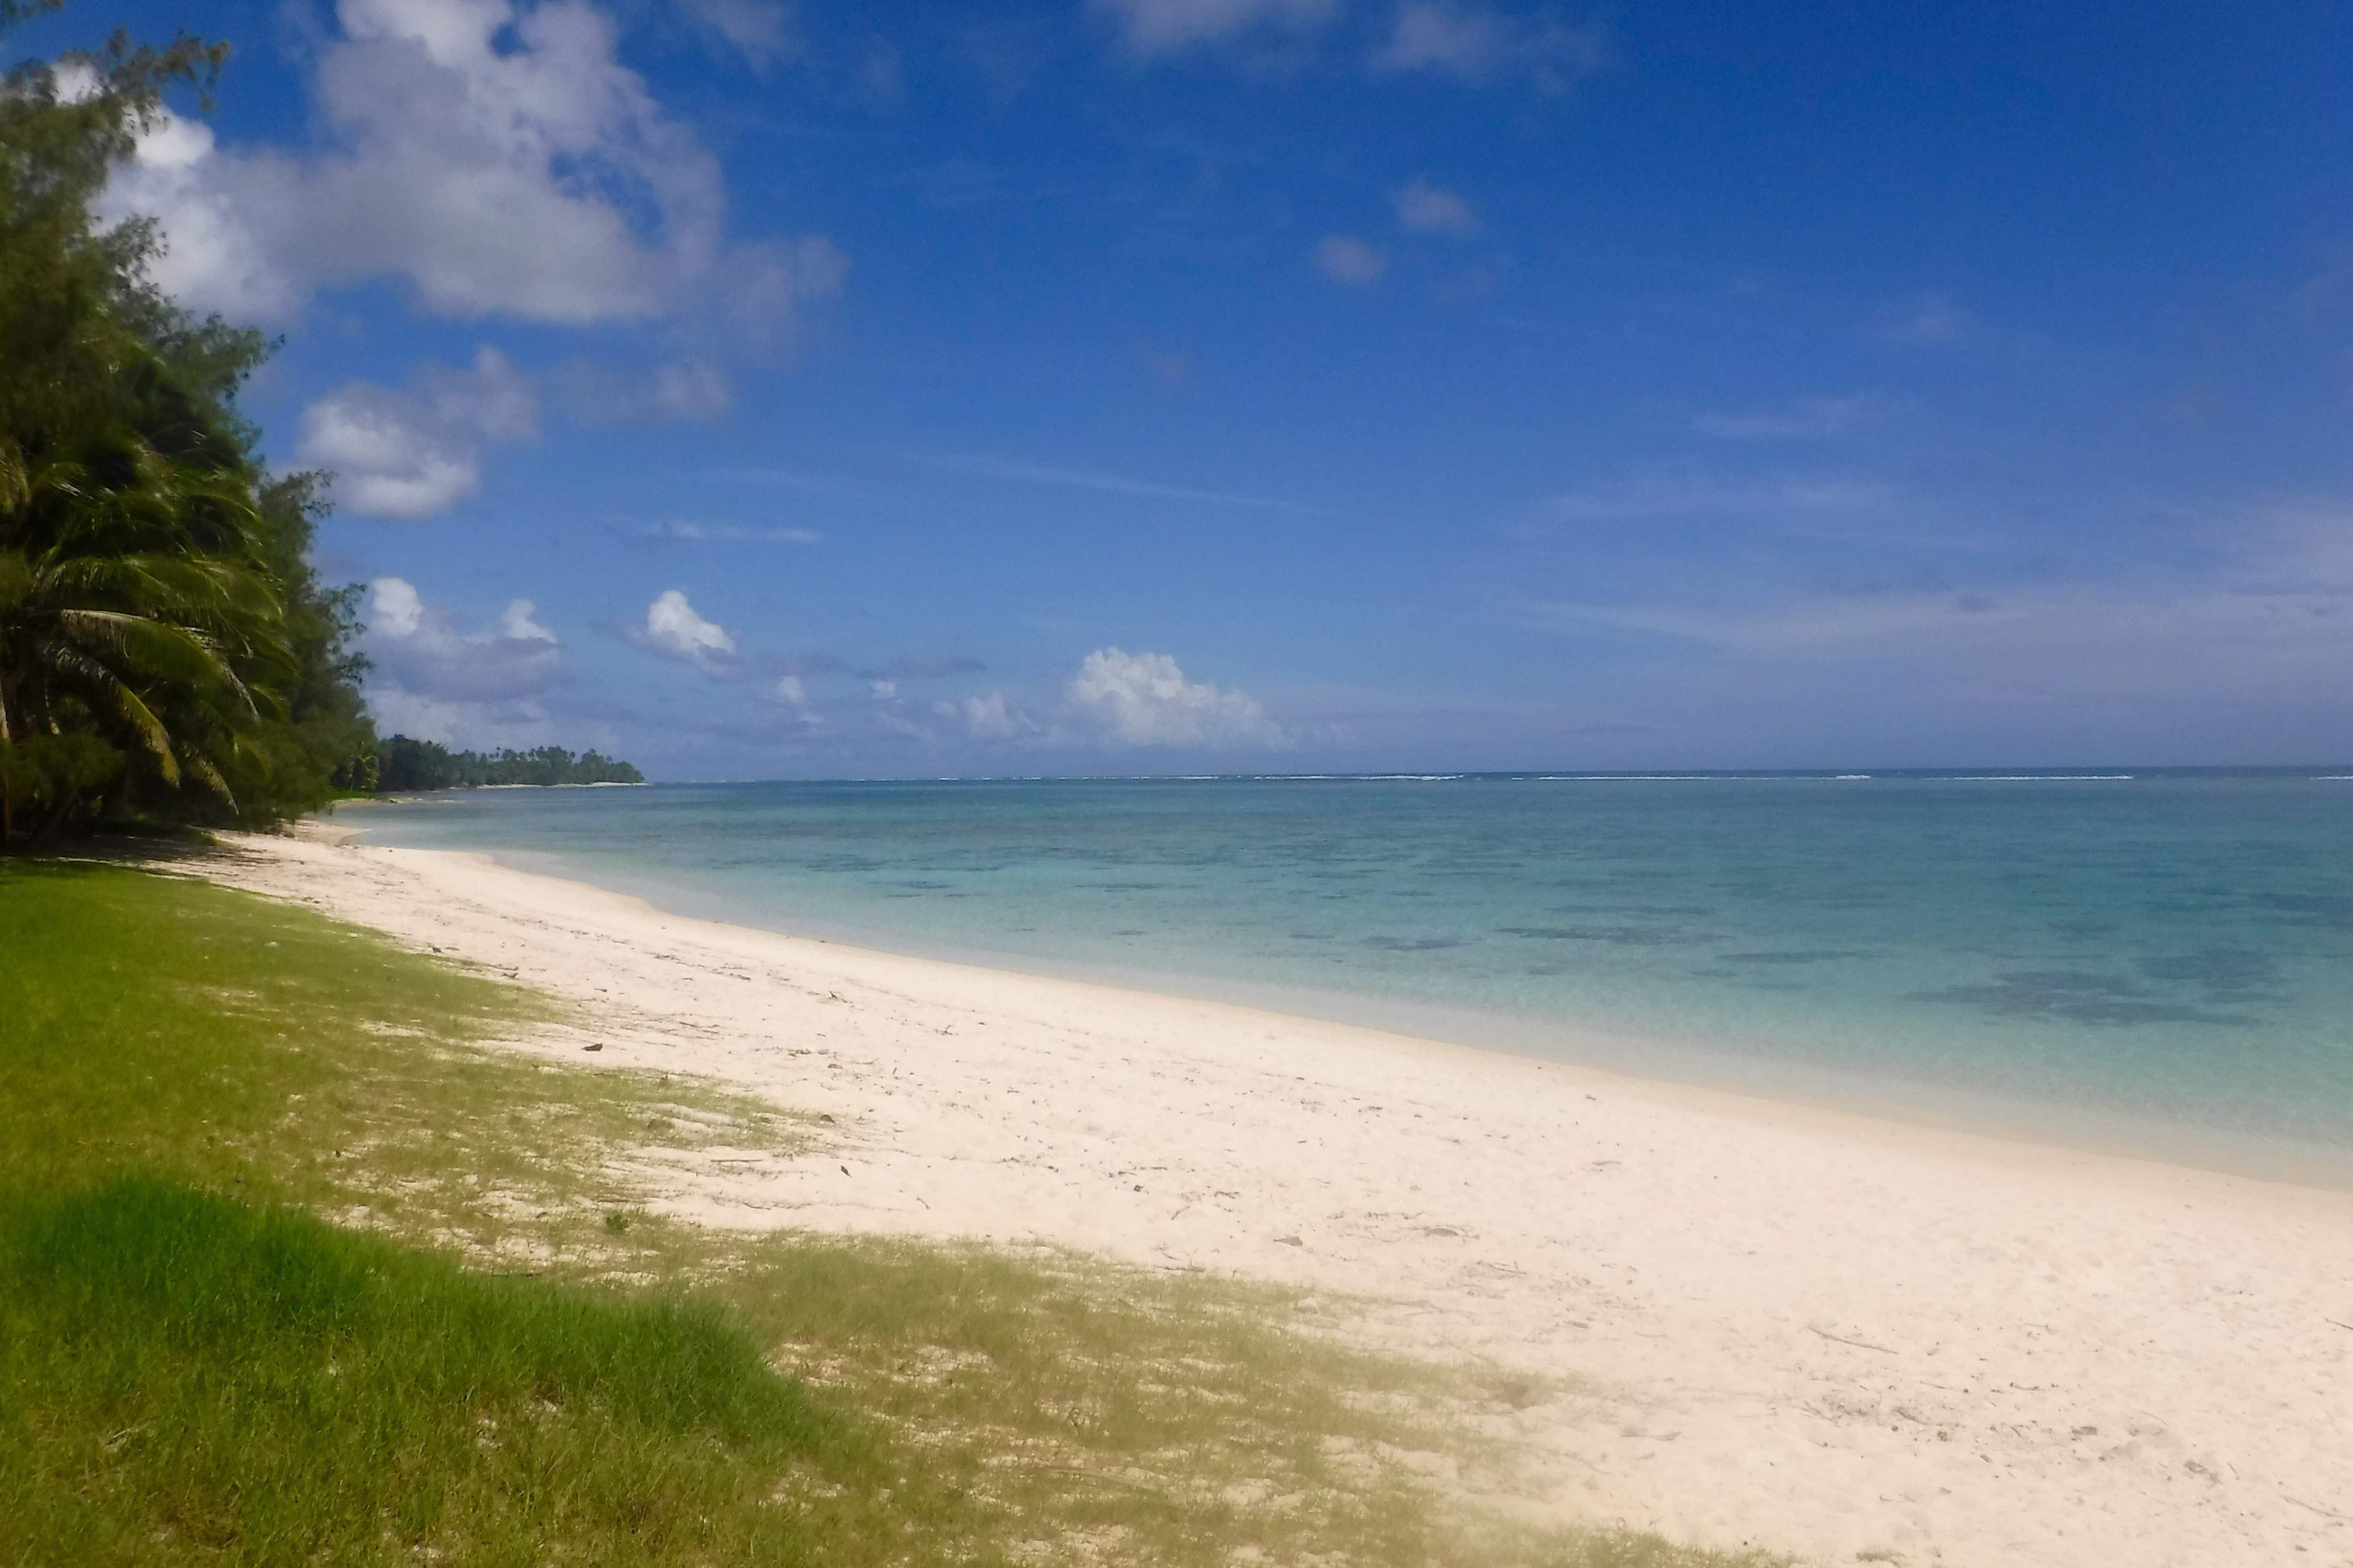 Rarotonga beach 180 degree